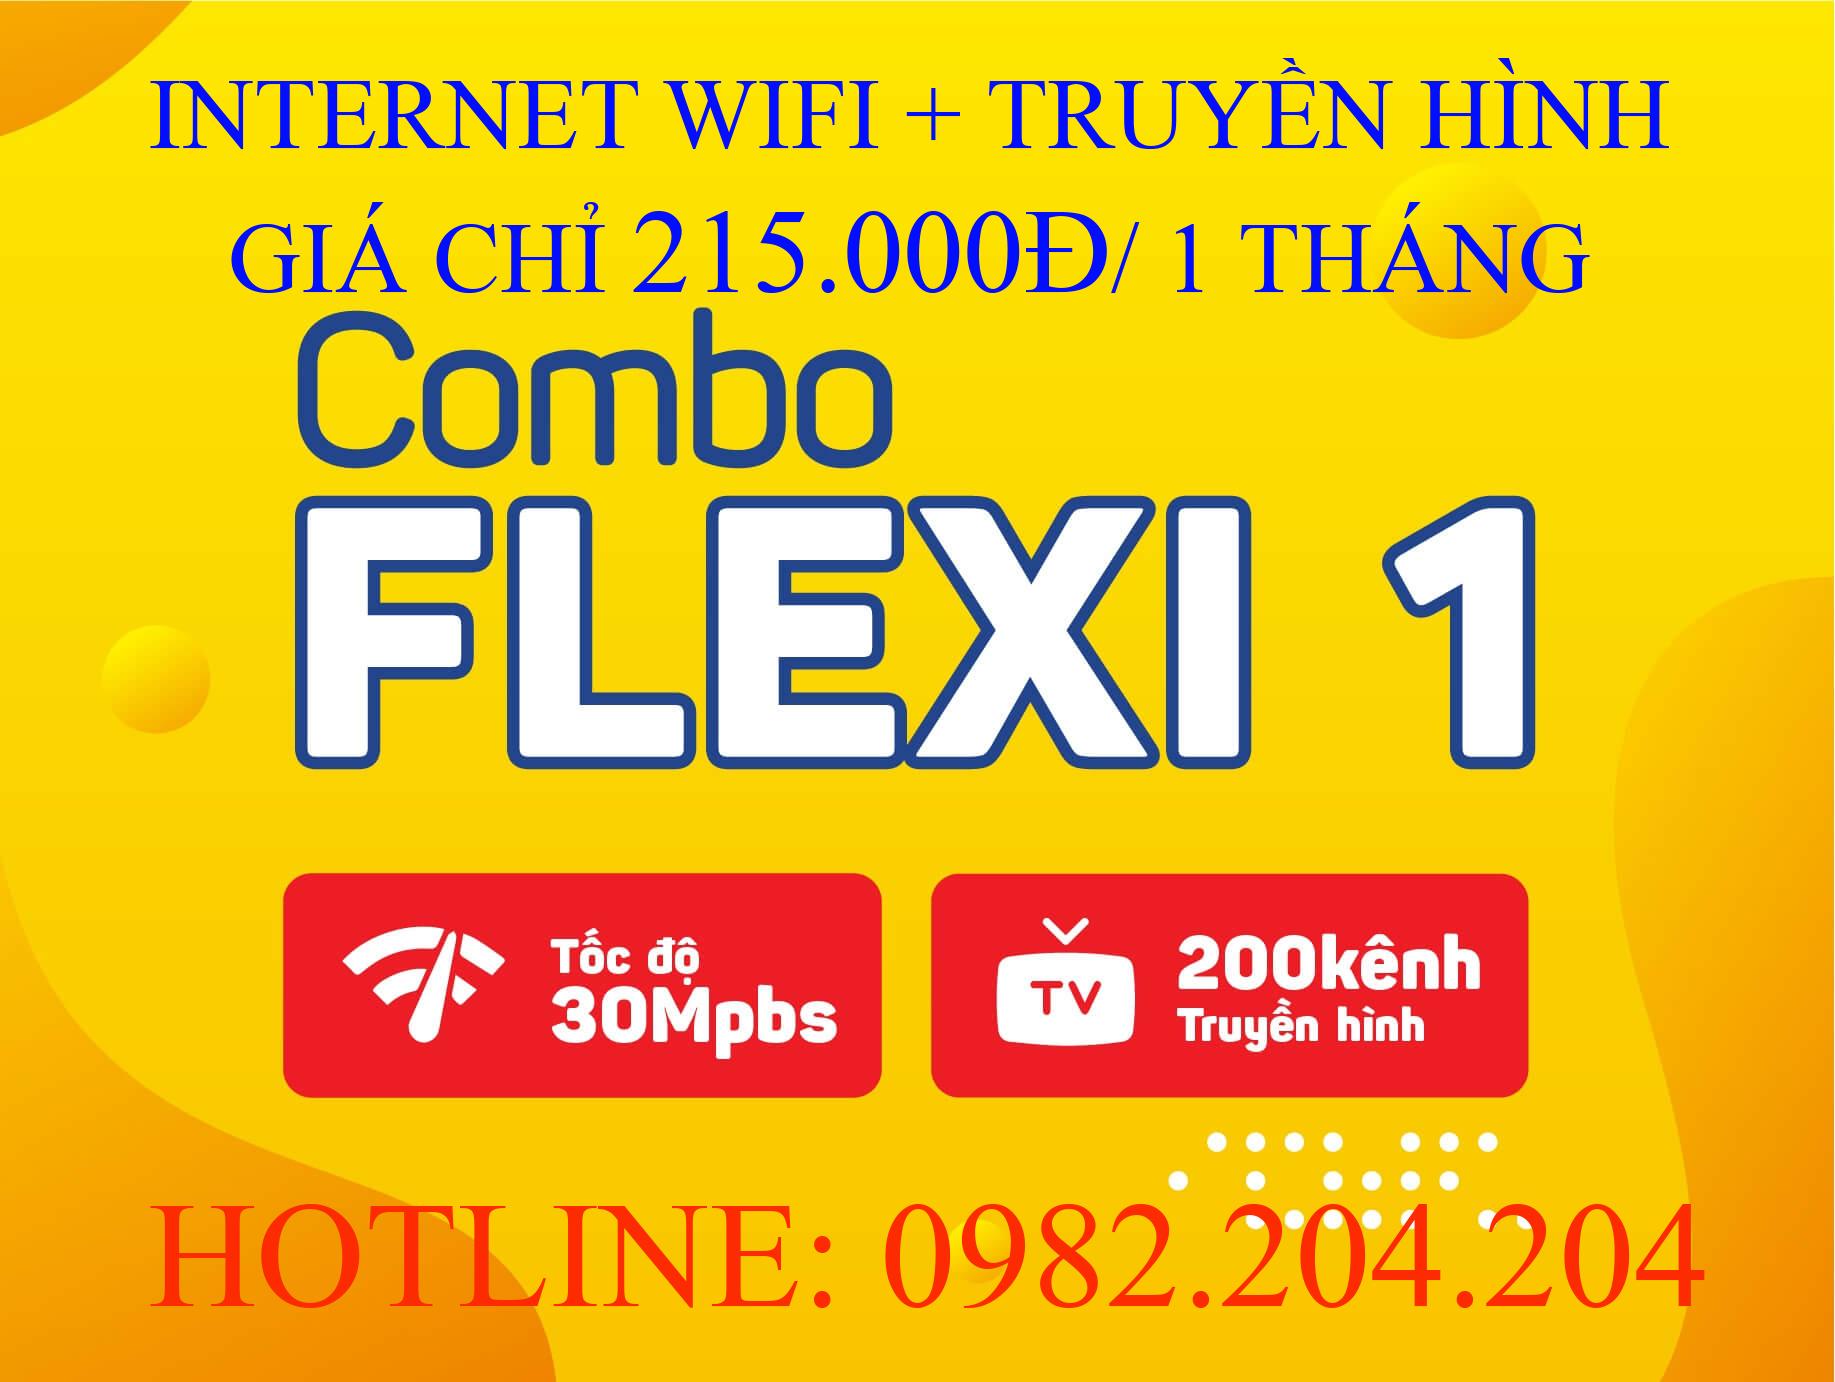 Tổng đài lắp cáp quang Viettel 0982204204 cung cấp combo flexi 1